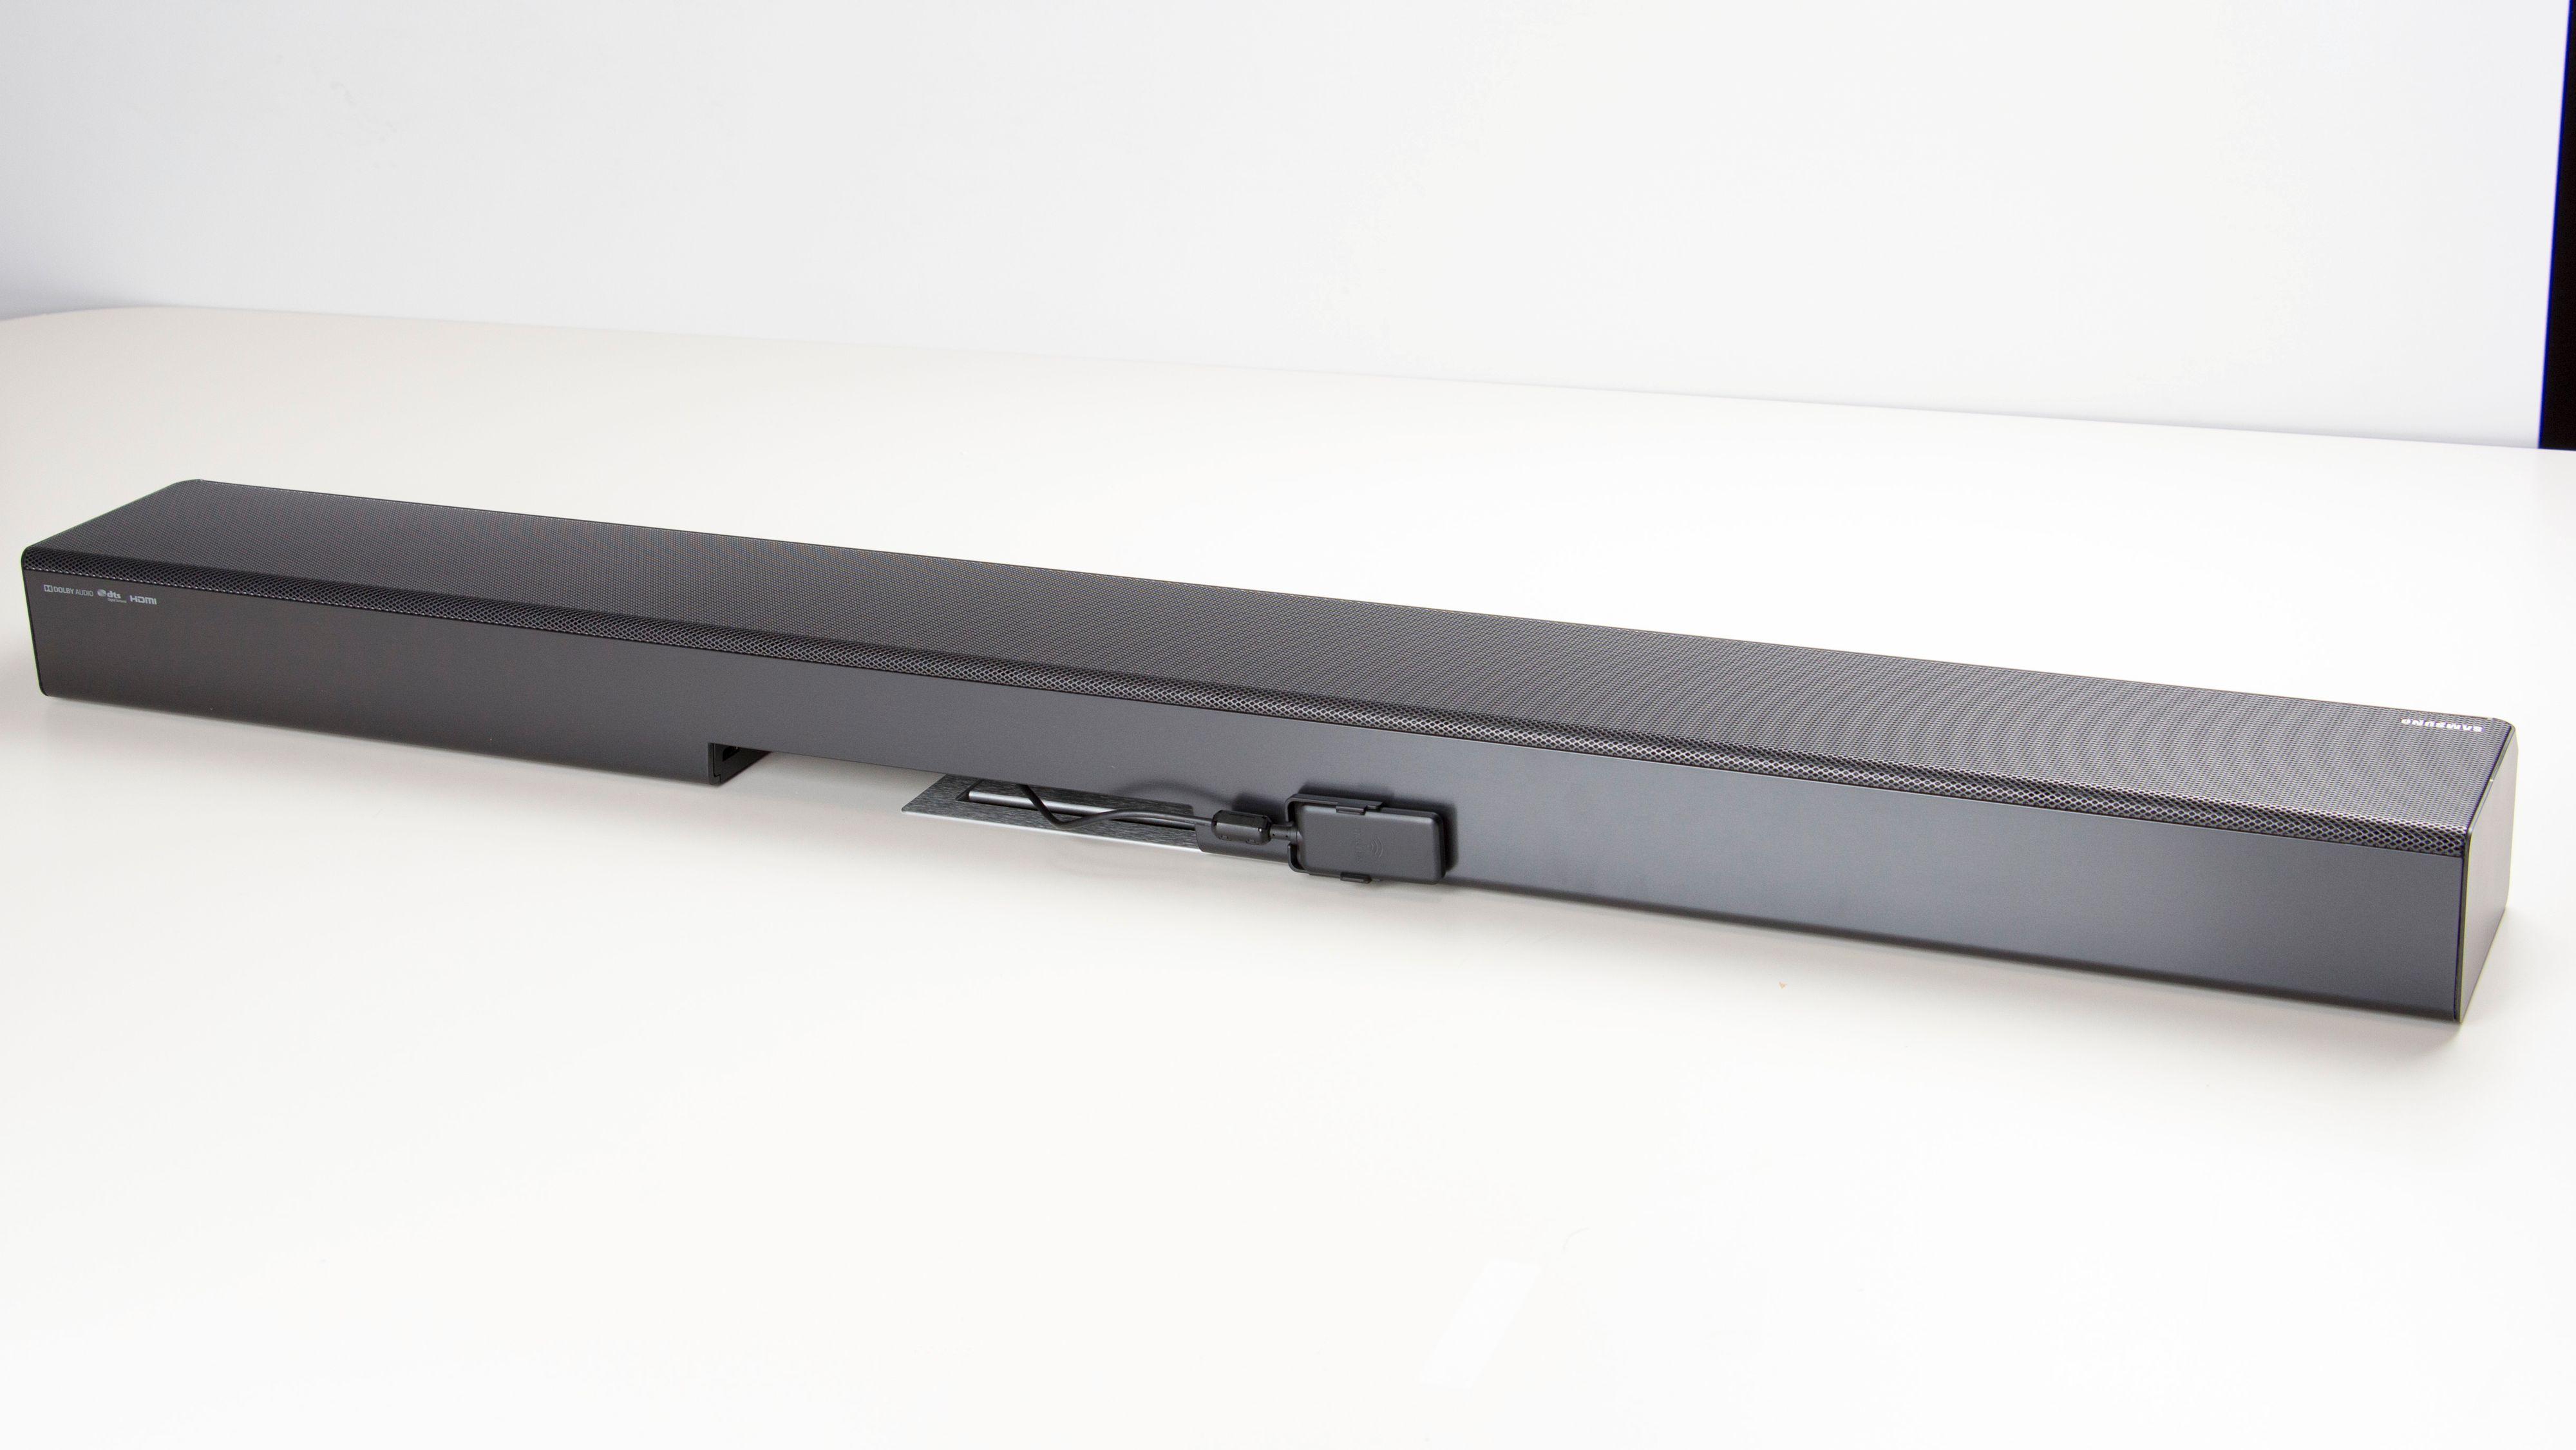 Samsung HW-MS760 bakside